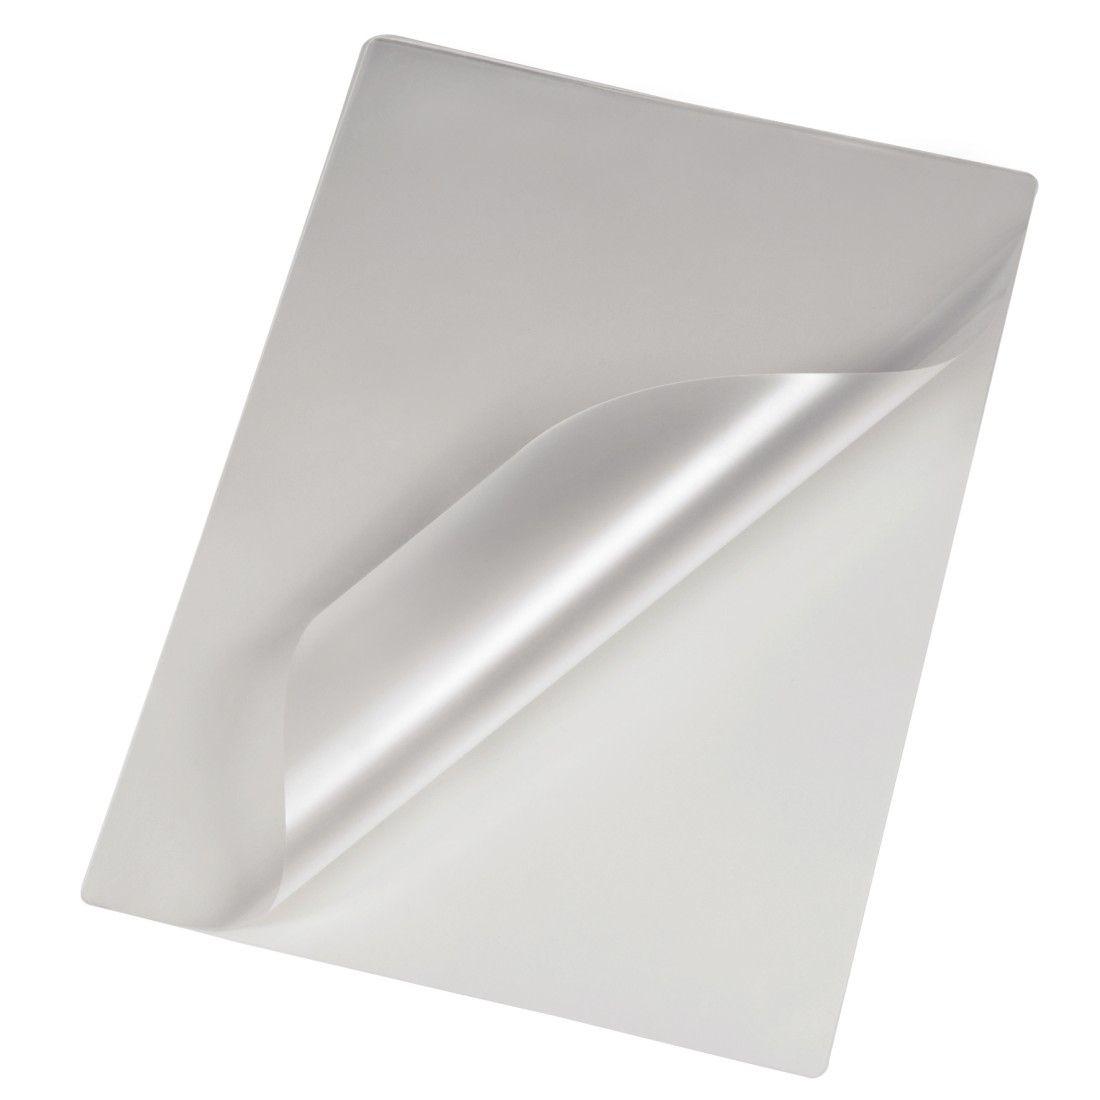 Fólia do laserovej kopírky / 50ks